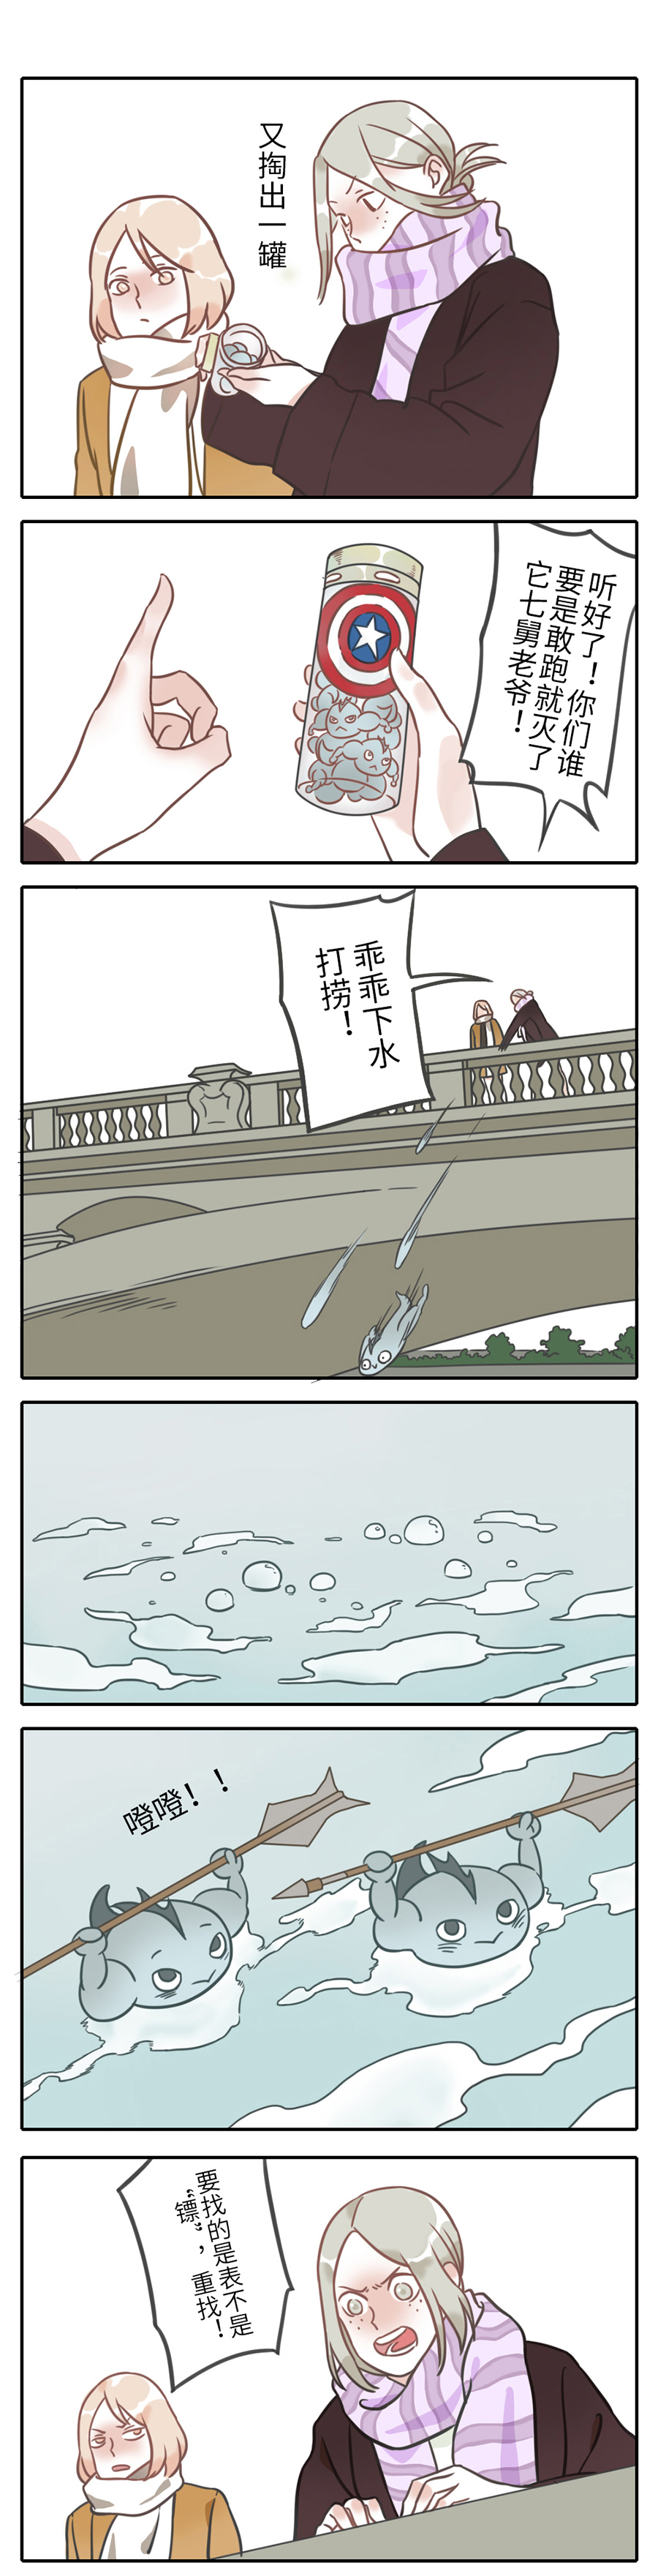 查看《《与妖记》part21 浮力妖》原图,原图尺寸:900x3521